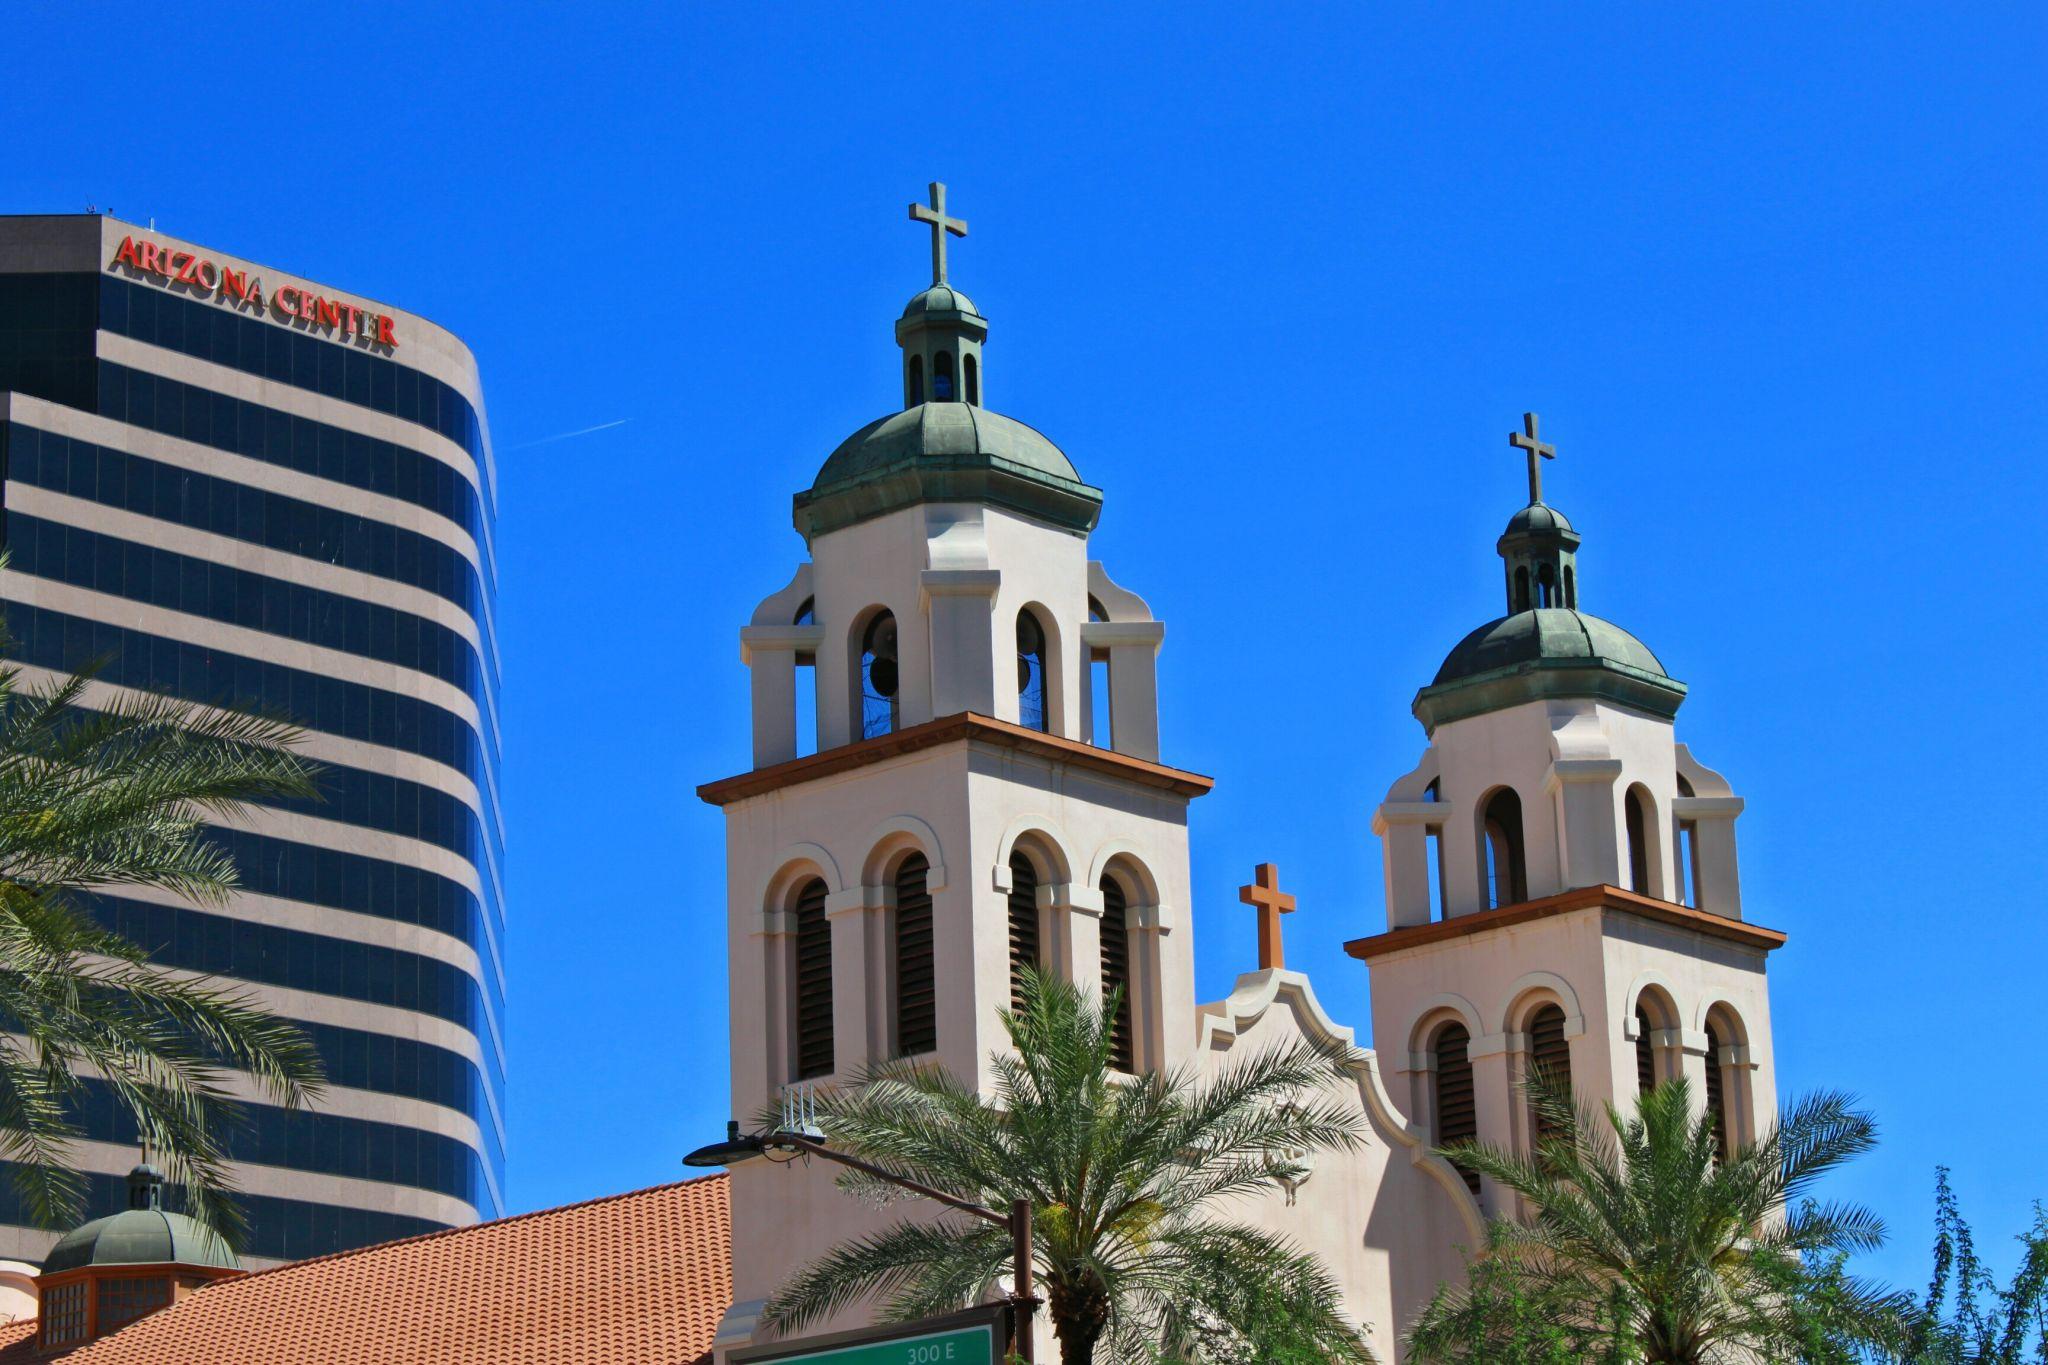 St. Mary's Basilica, Phoenix, Arizona, USA